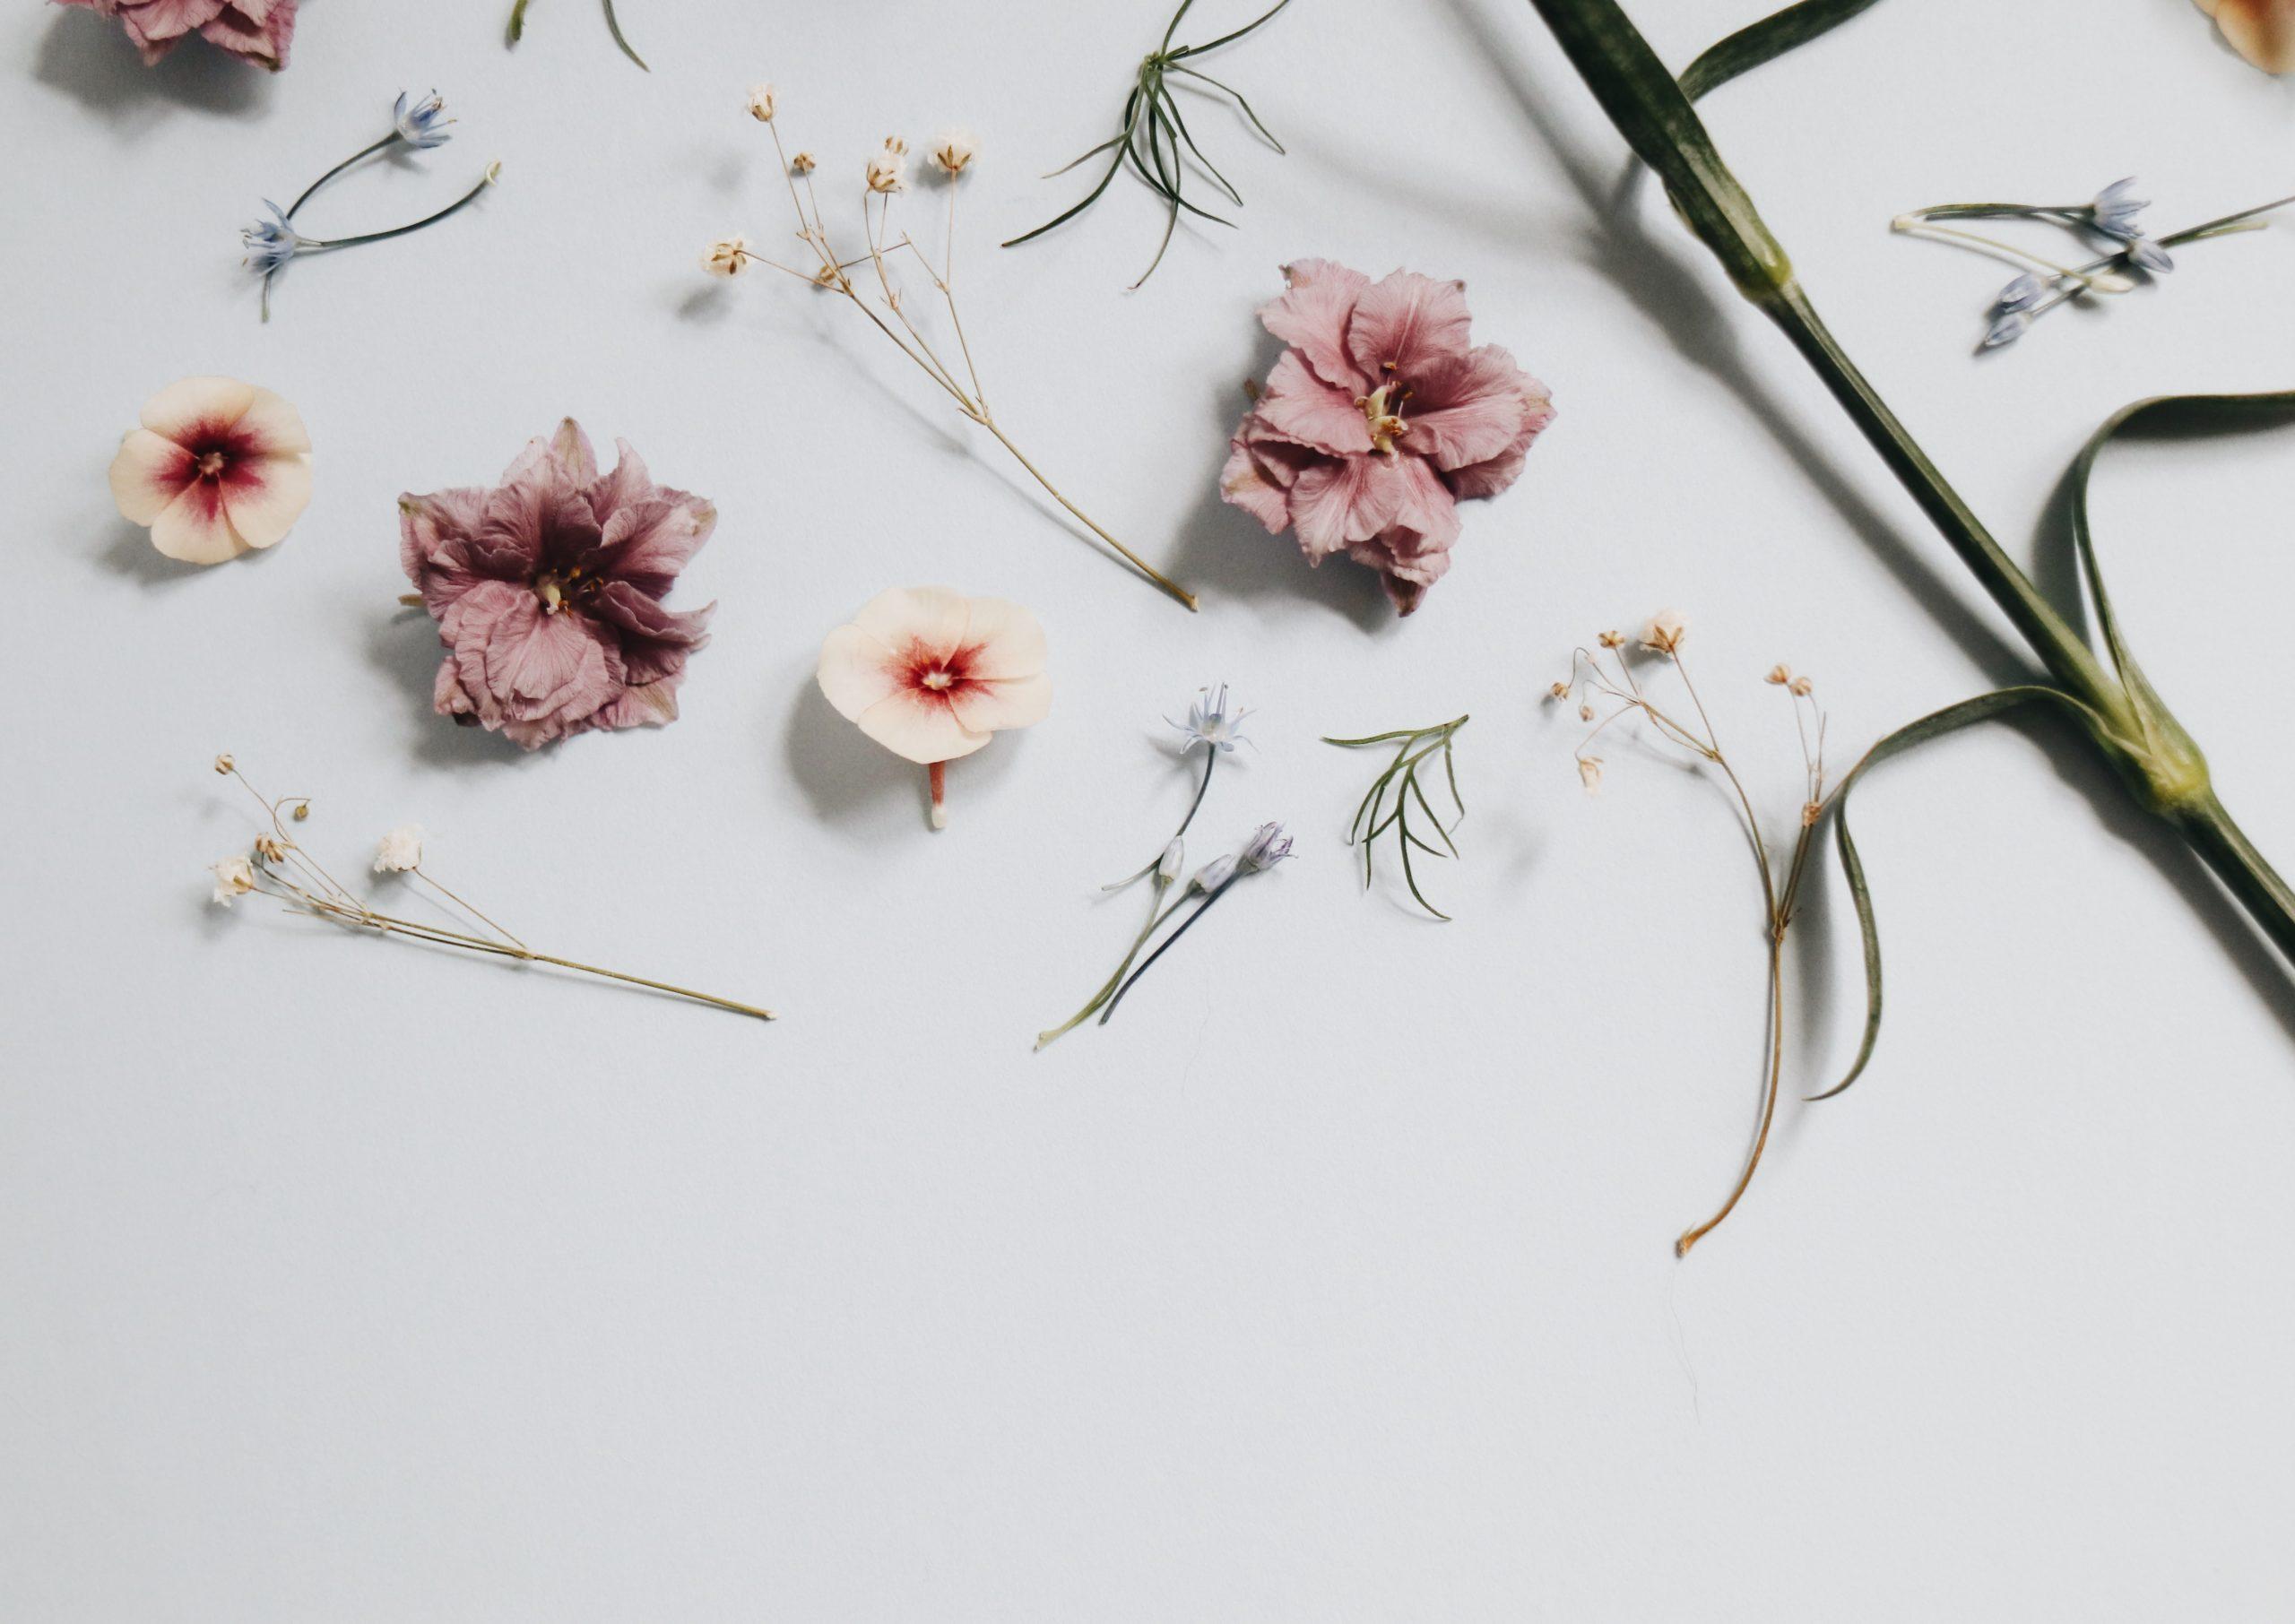 herboristeenherbes-plante-medicinale